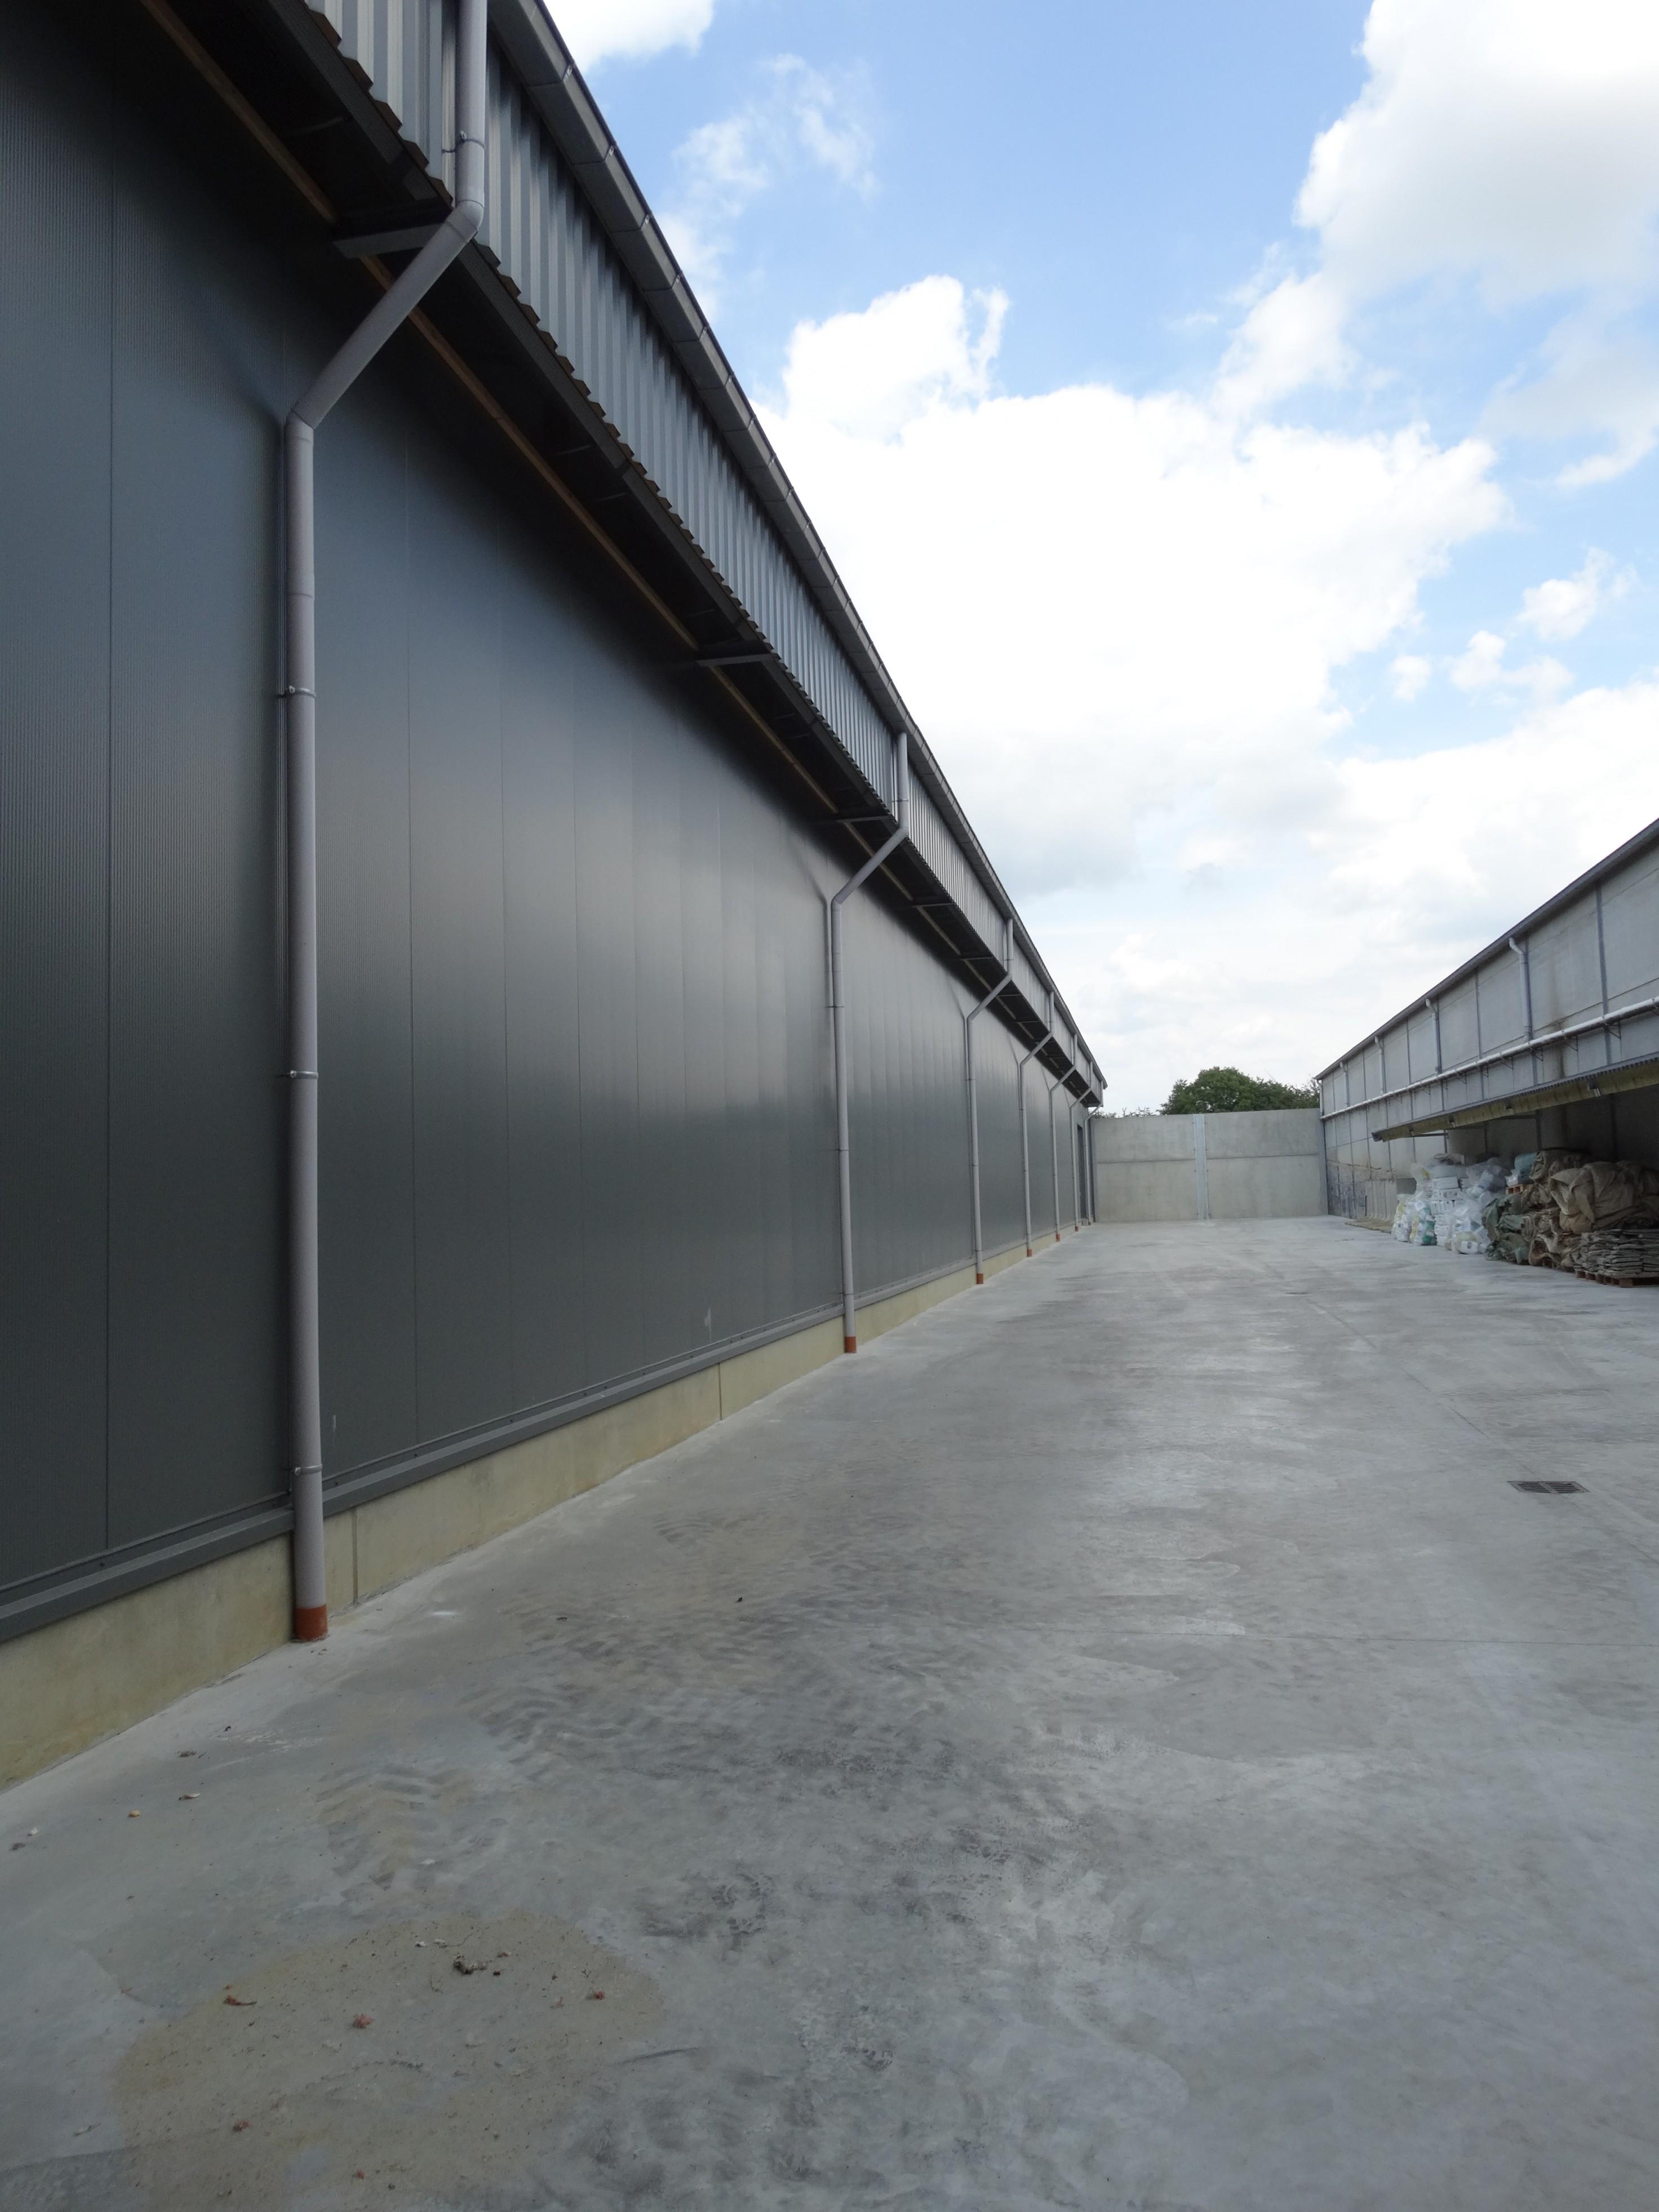 lefevre-Rosseignies-aardappelloods_hangar stockage pommes de terre (38).JPG